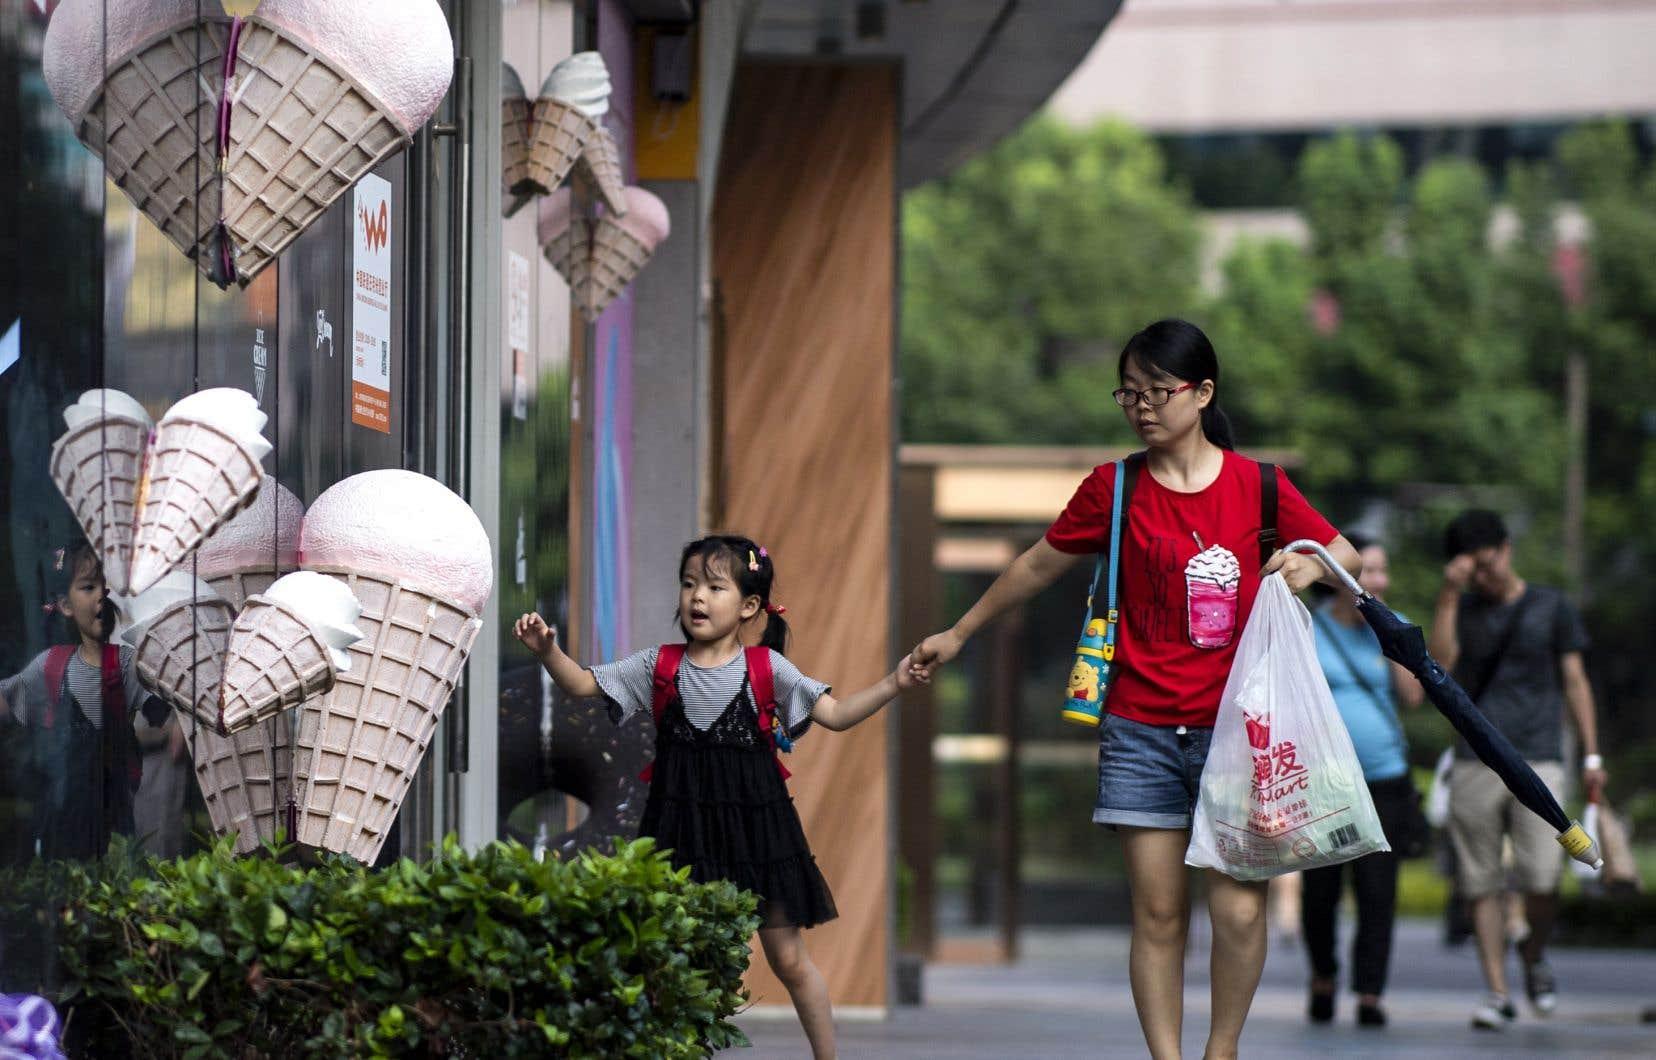 Les femmes chinoises repoussent de façon croissante l'âge auquel elles ont leur premier bébé, notamment parce qu'elles entendent d'abord privilégier leur carrière professionnelle.